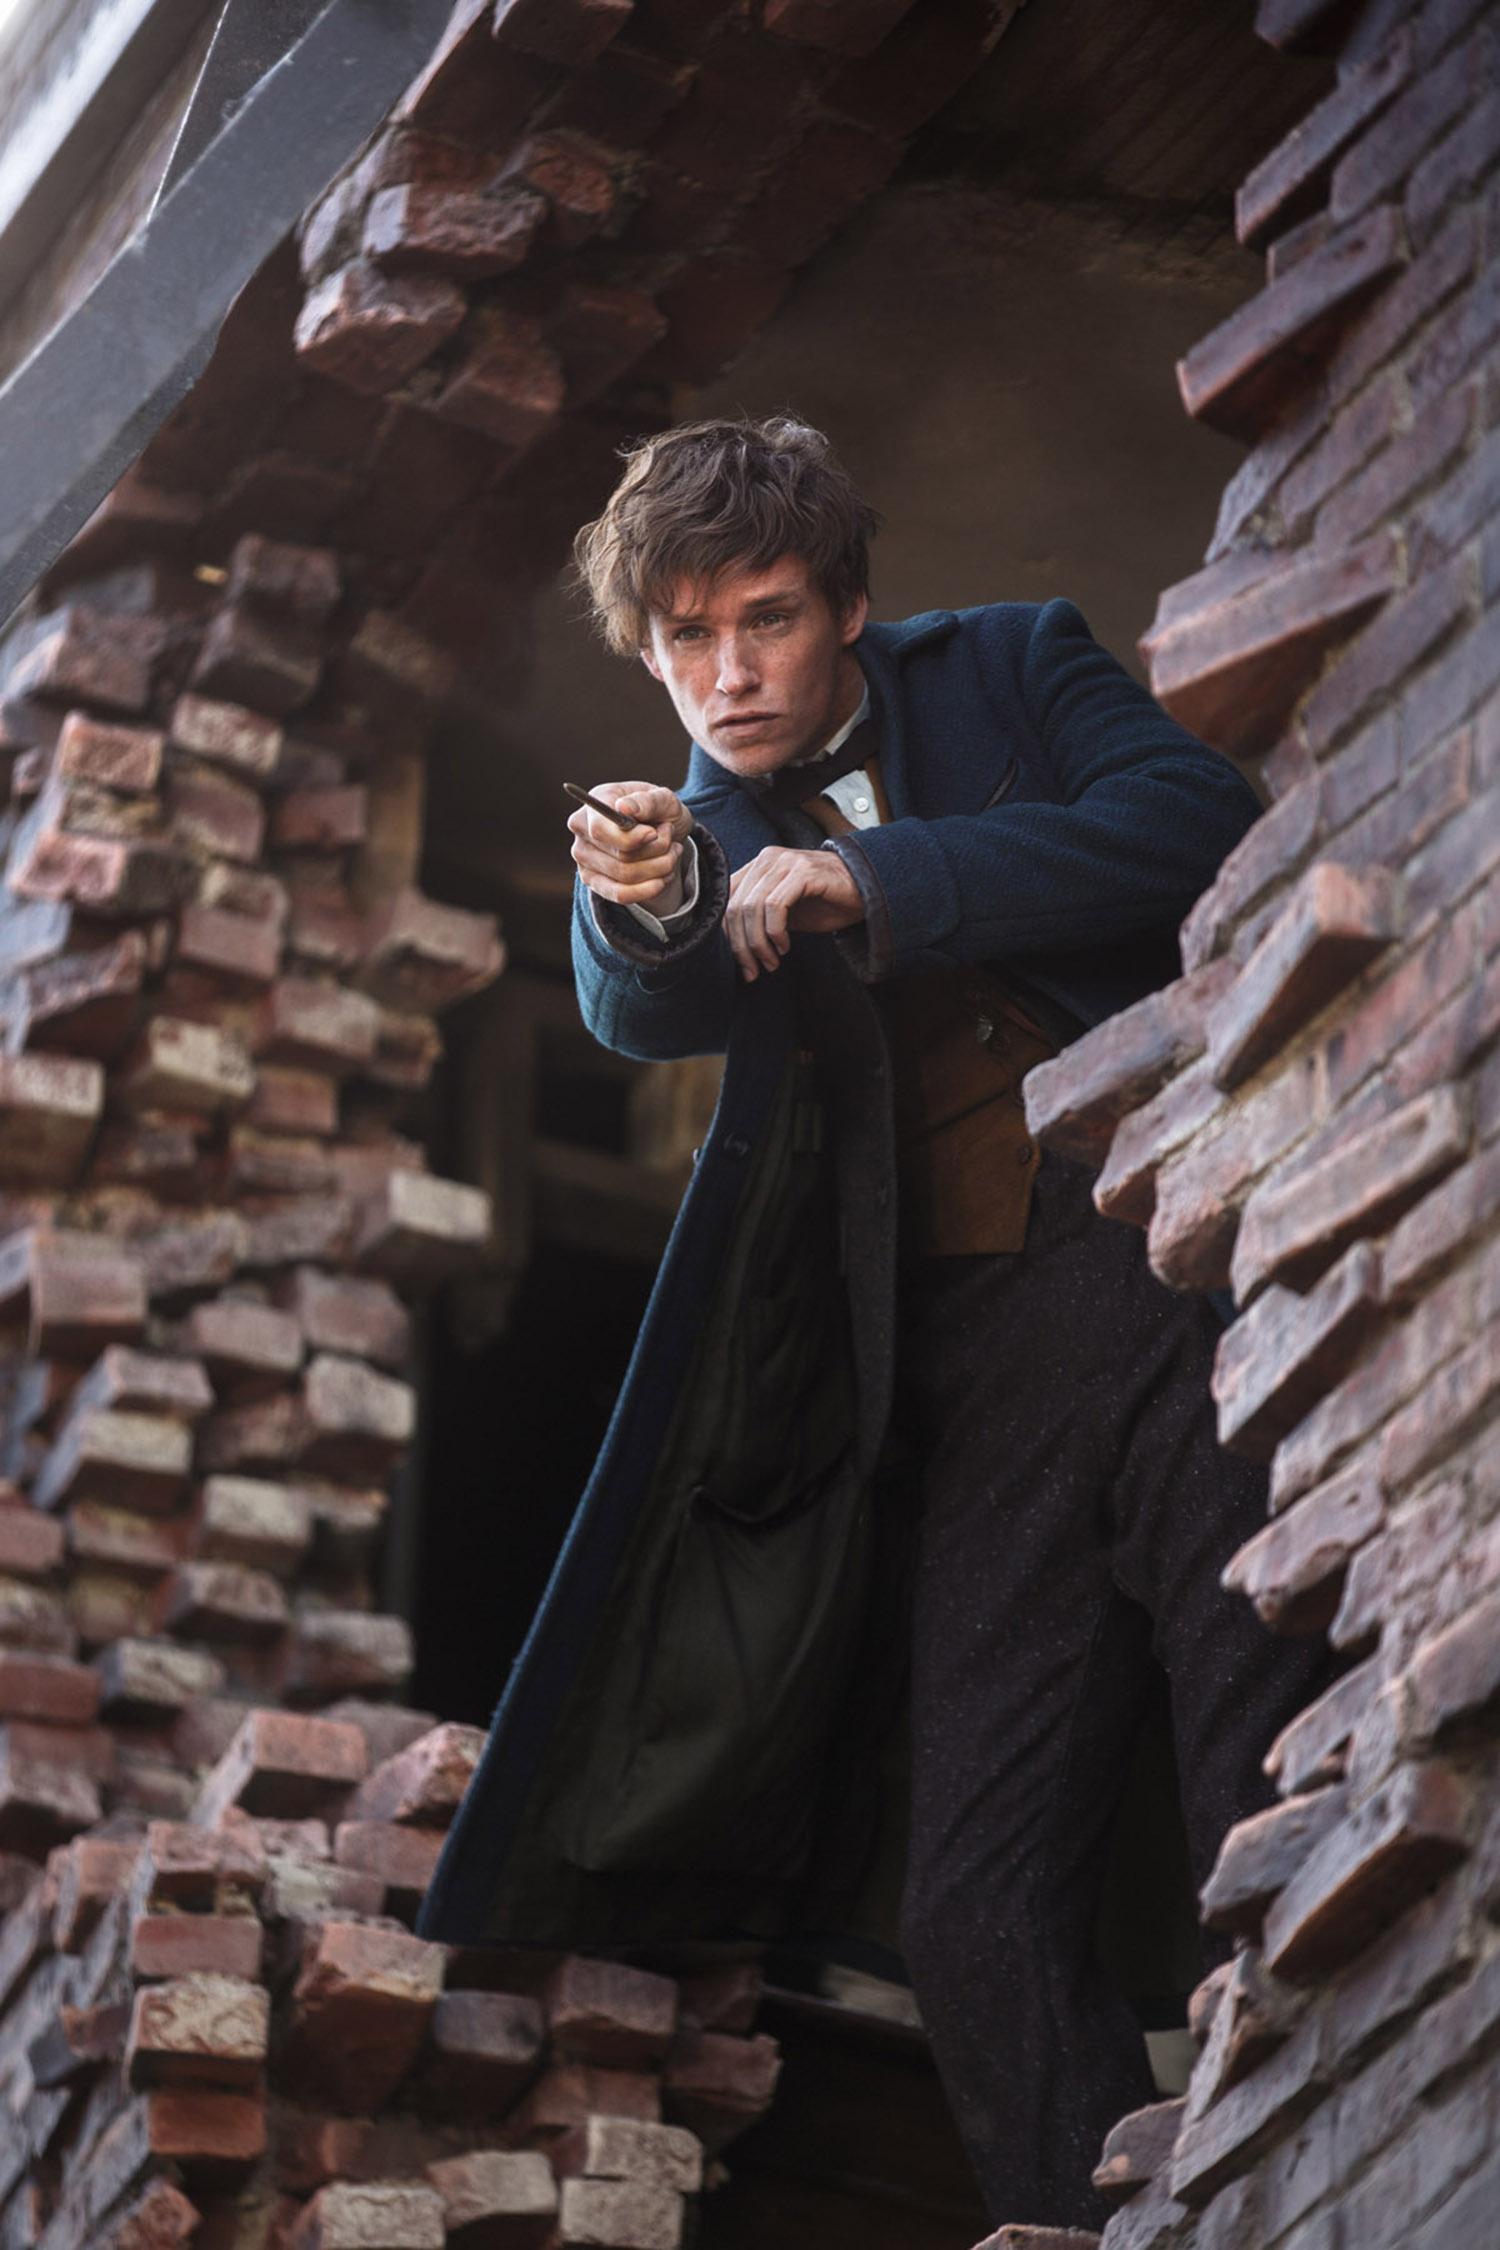 EDDIE REDMAYNE as Newt Scamander in Warner Bros. Pictures' fantasy adventure